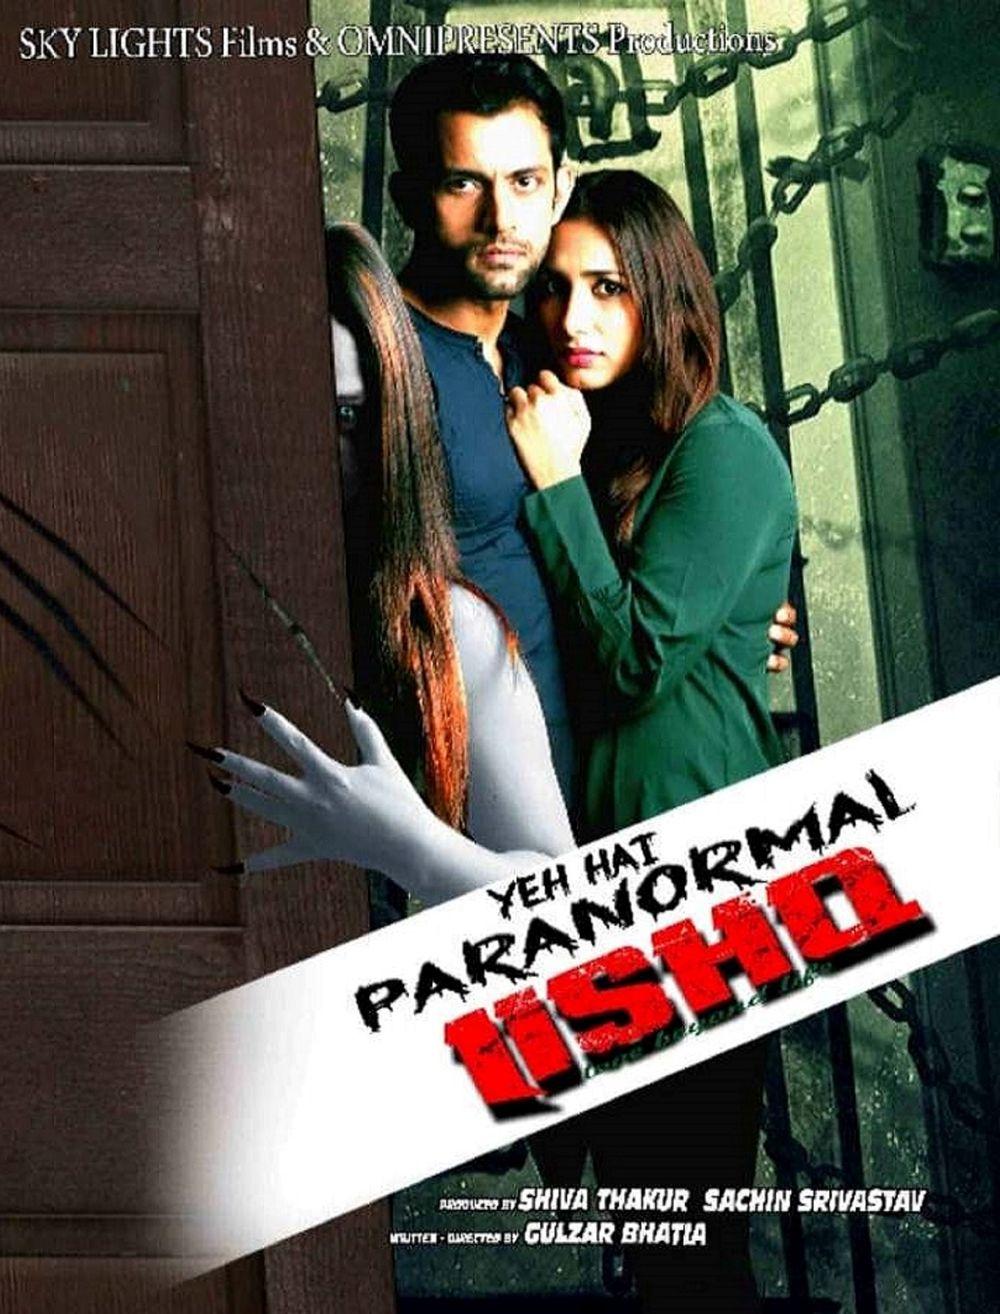 Yeh Hai Paranormal Ishq Movie Review Hindi Movie Review